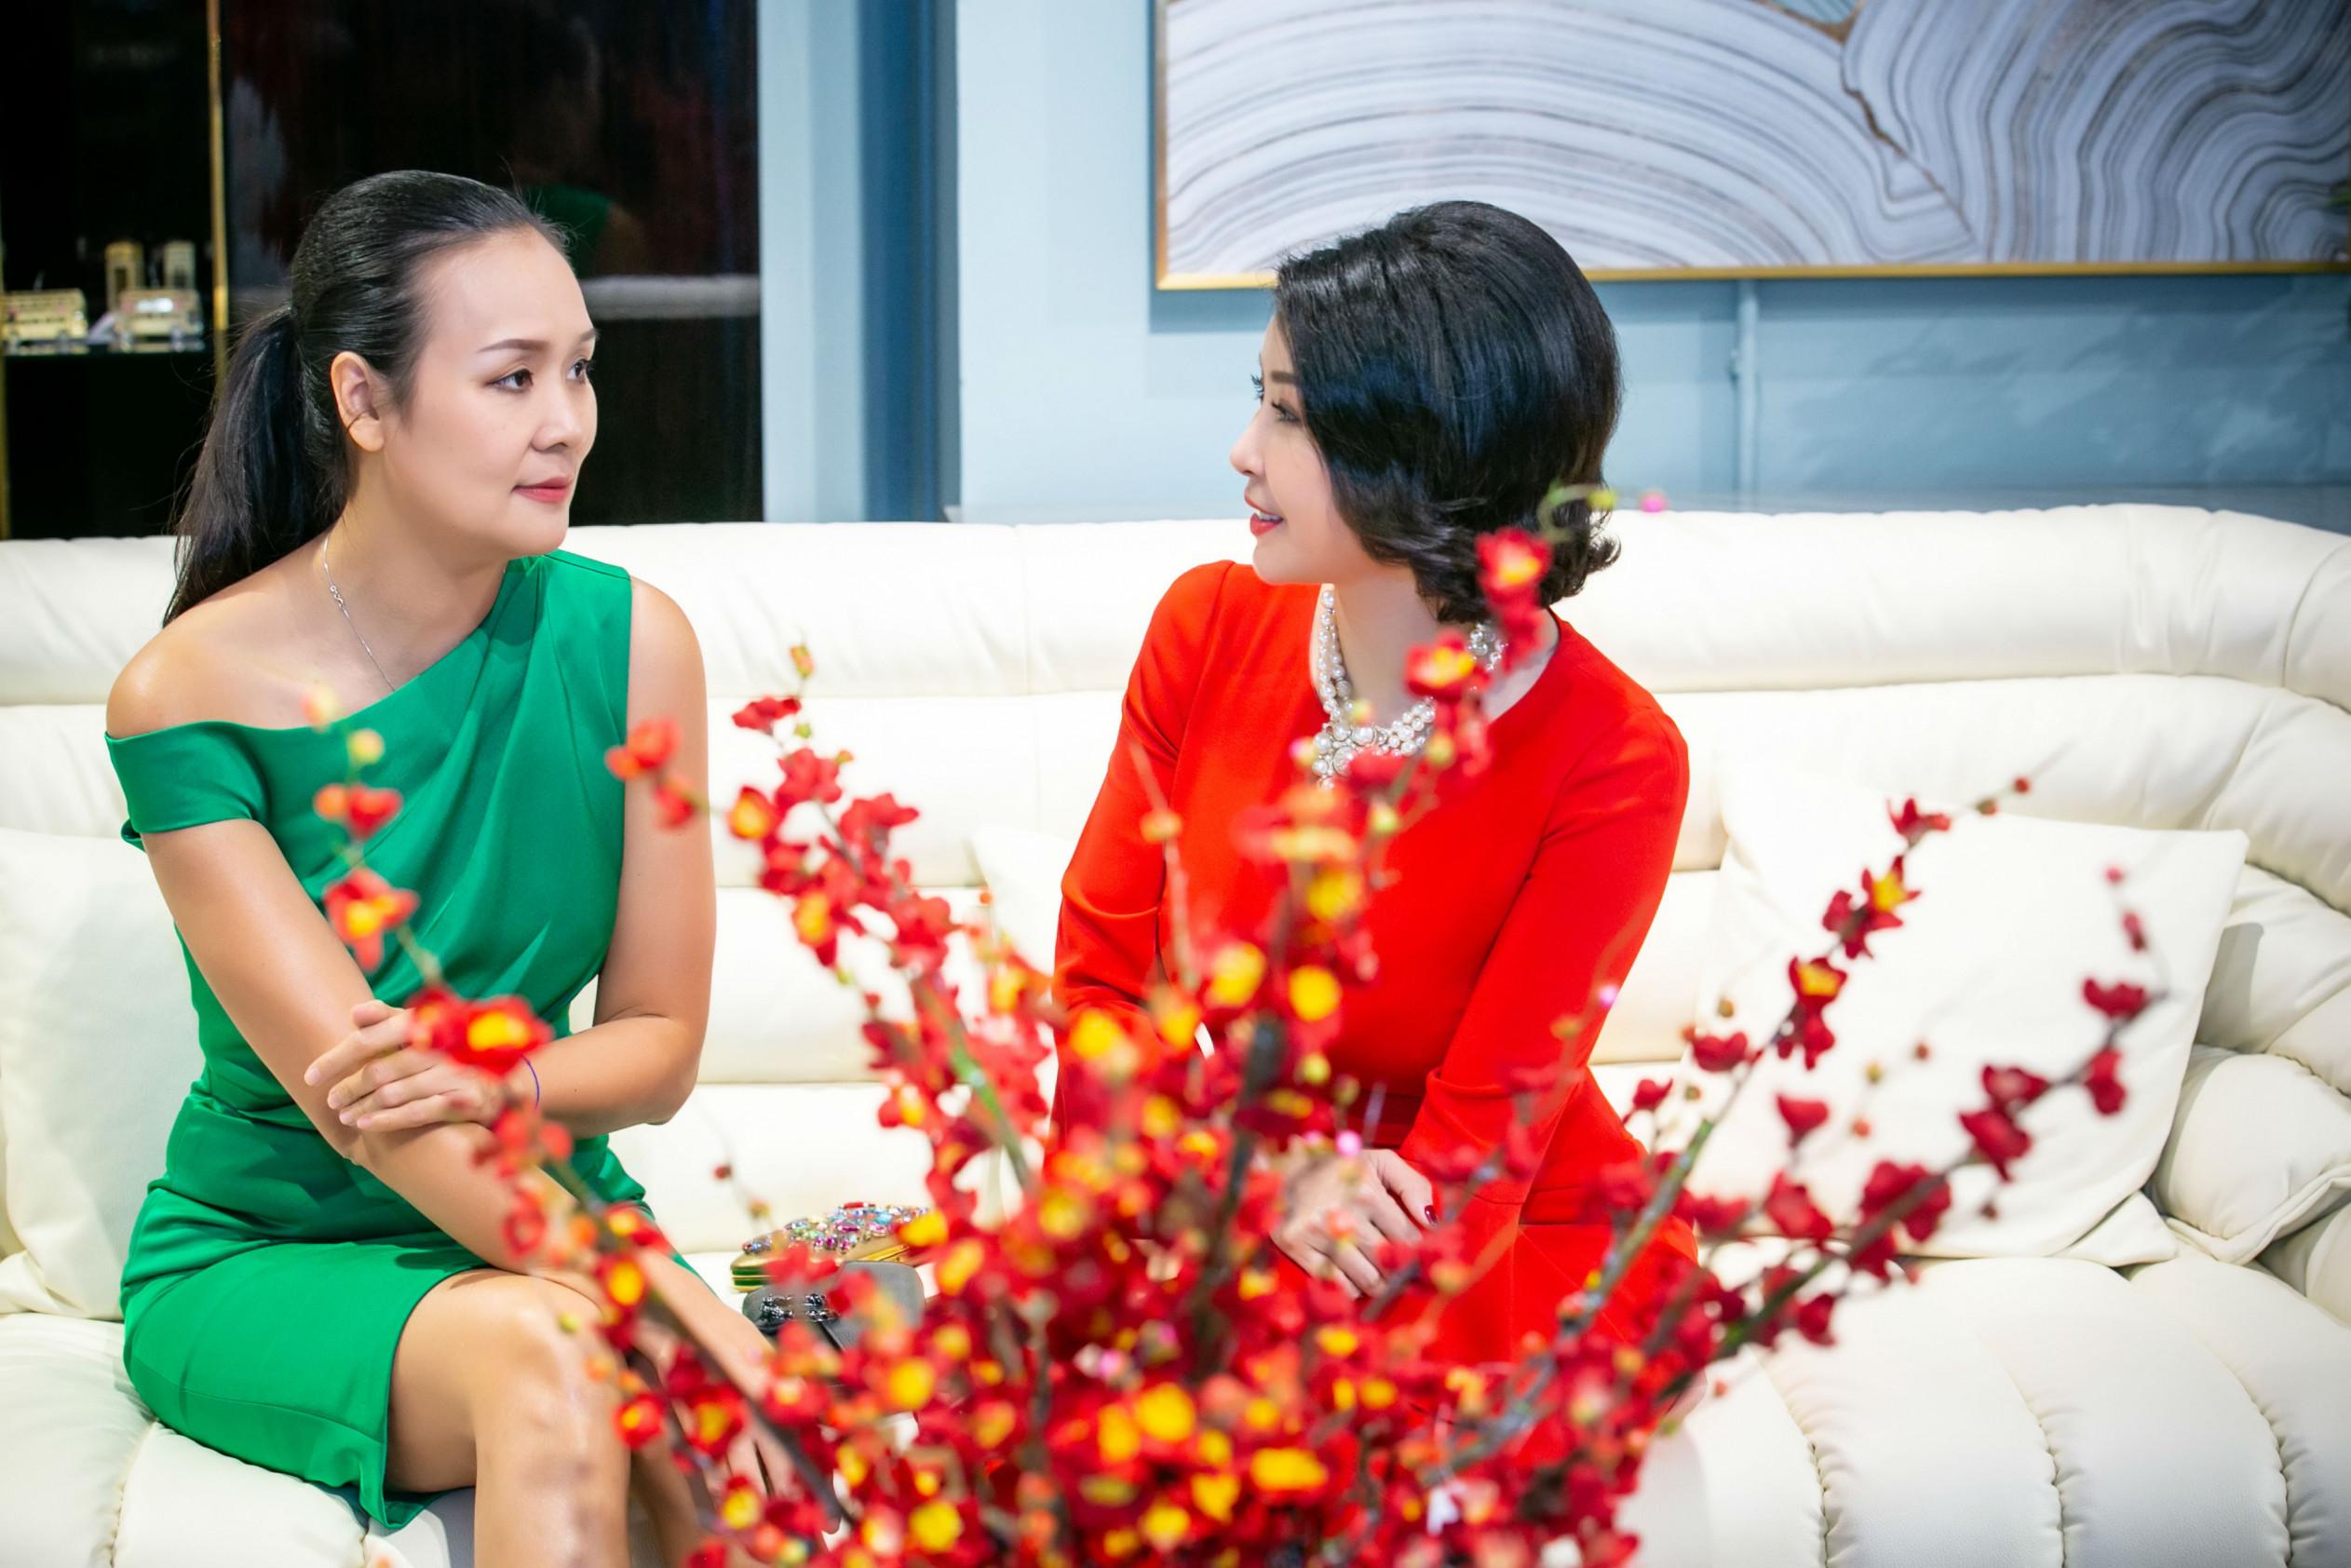 Hà Kiều Anh sinh năm 1976, Trần Bảo Ngọc sinh năm 1978, độ tuổi xấp xỉ nhau nên hai người dễ dàng chia sẻ được với nhau nhiều điều trong cuộc sống.